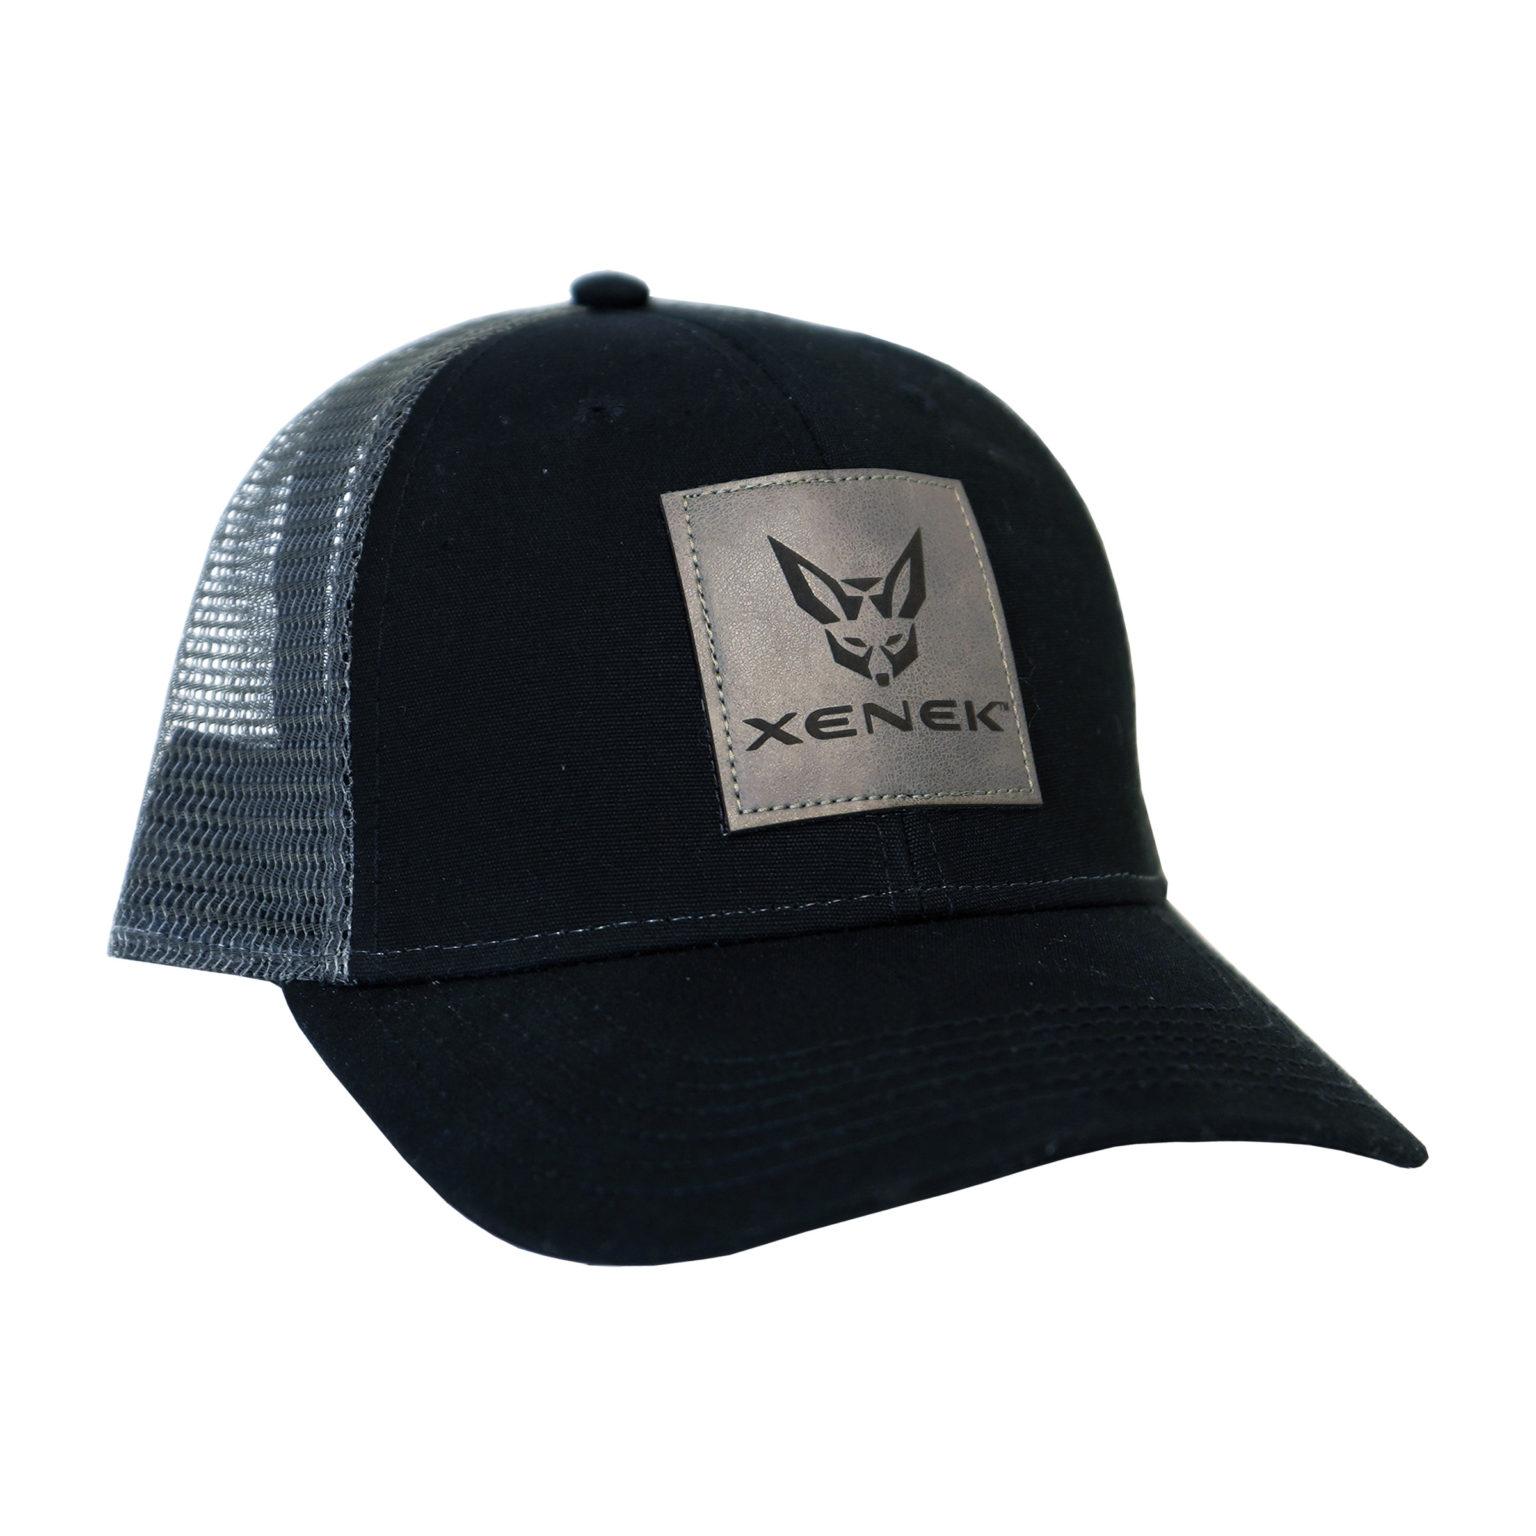 Black/Gray Trucker Cap w/ XENEK Leather Patch